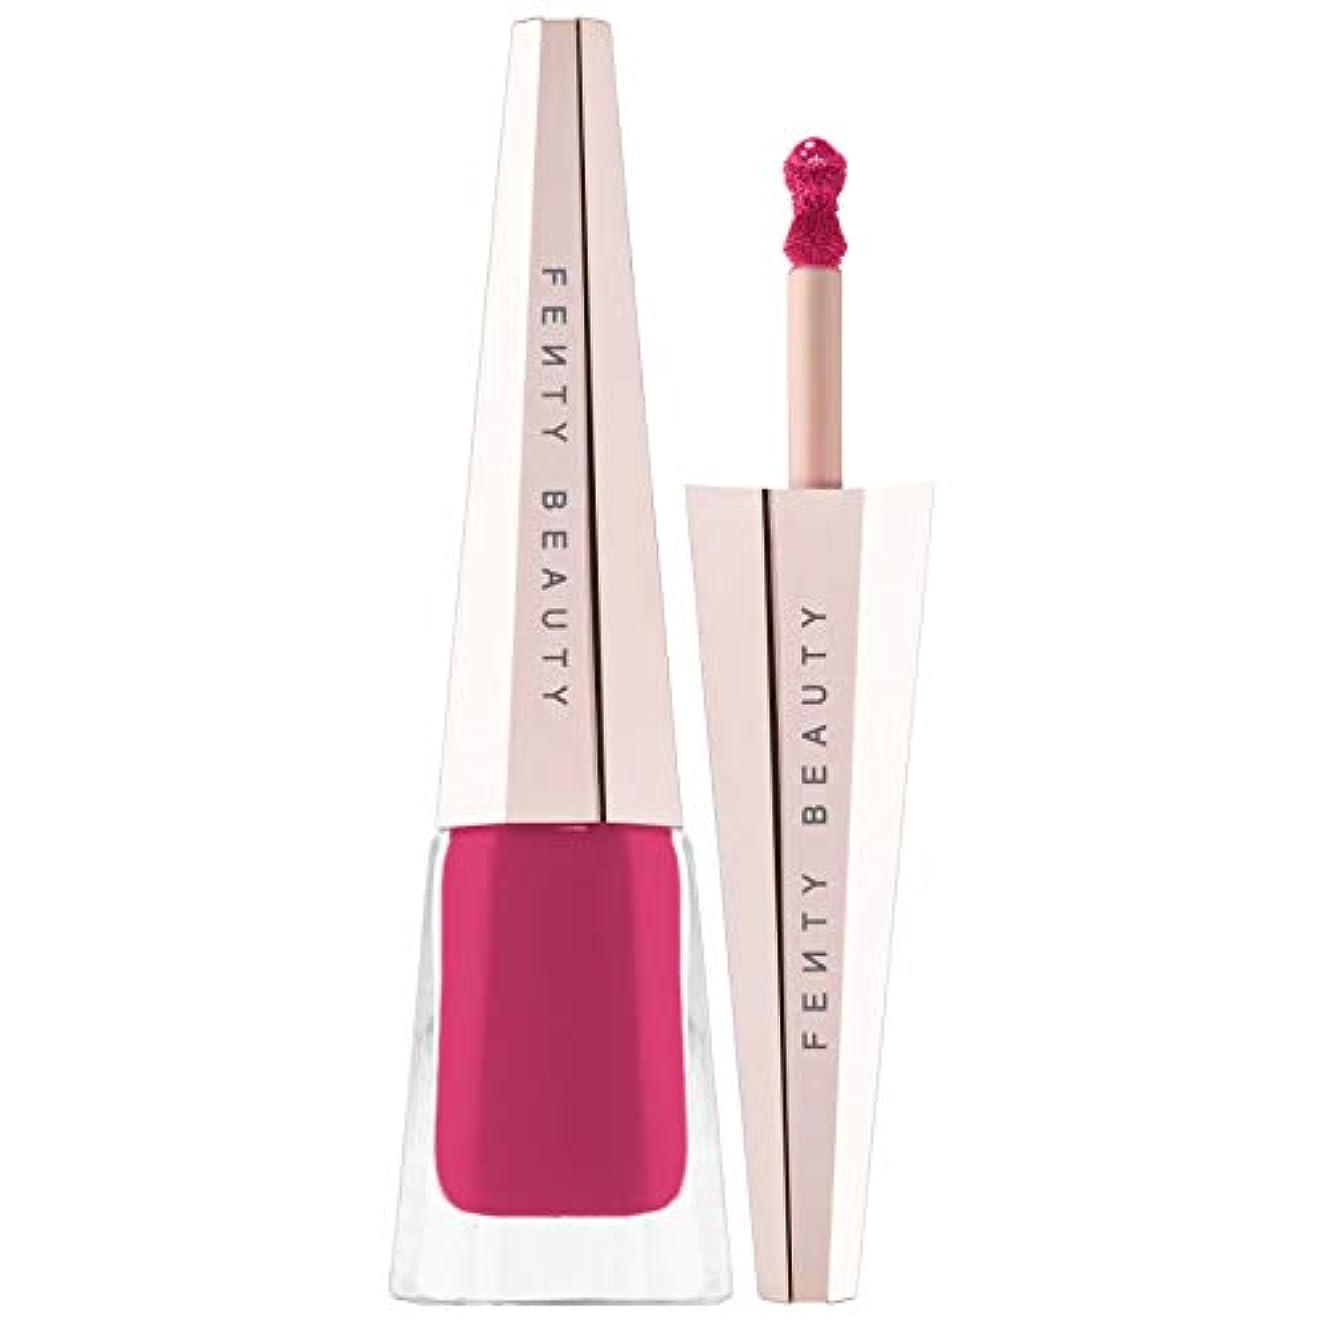 抑制するジャーナリストそこから【並行輸入品】FENTY BEAUTY BY RIHANNA フェンティ ビューティー Stunna Lip Paint Longwear Fluid Lip Color Unlocked